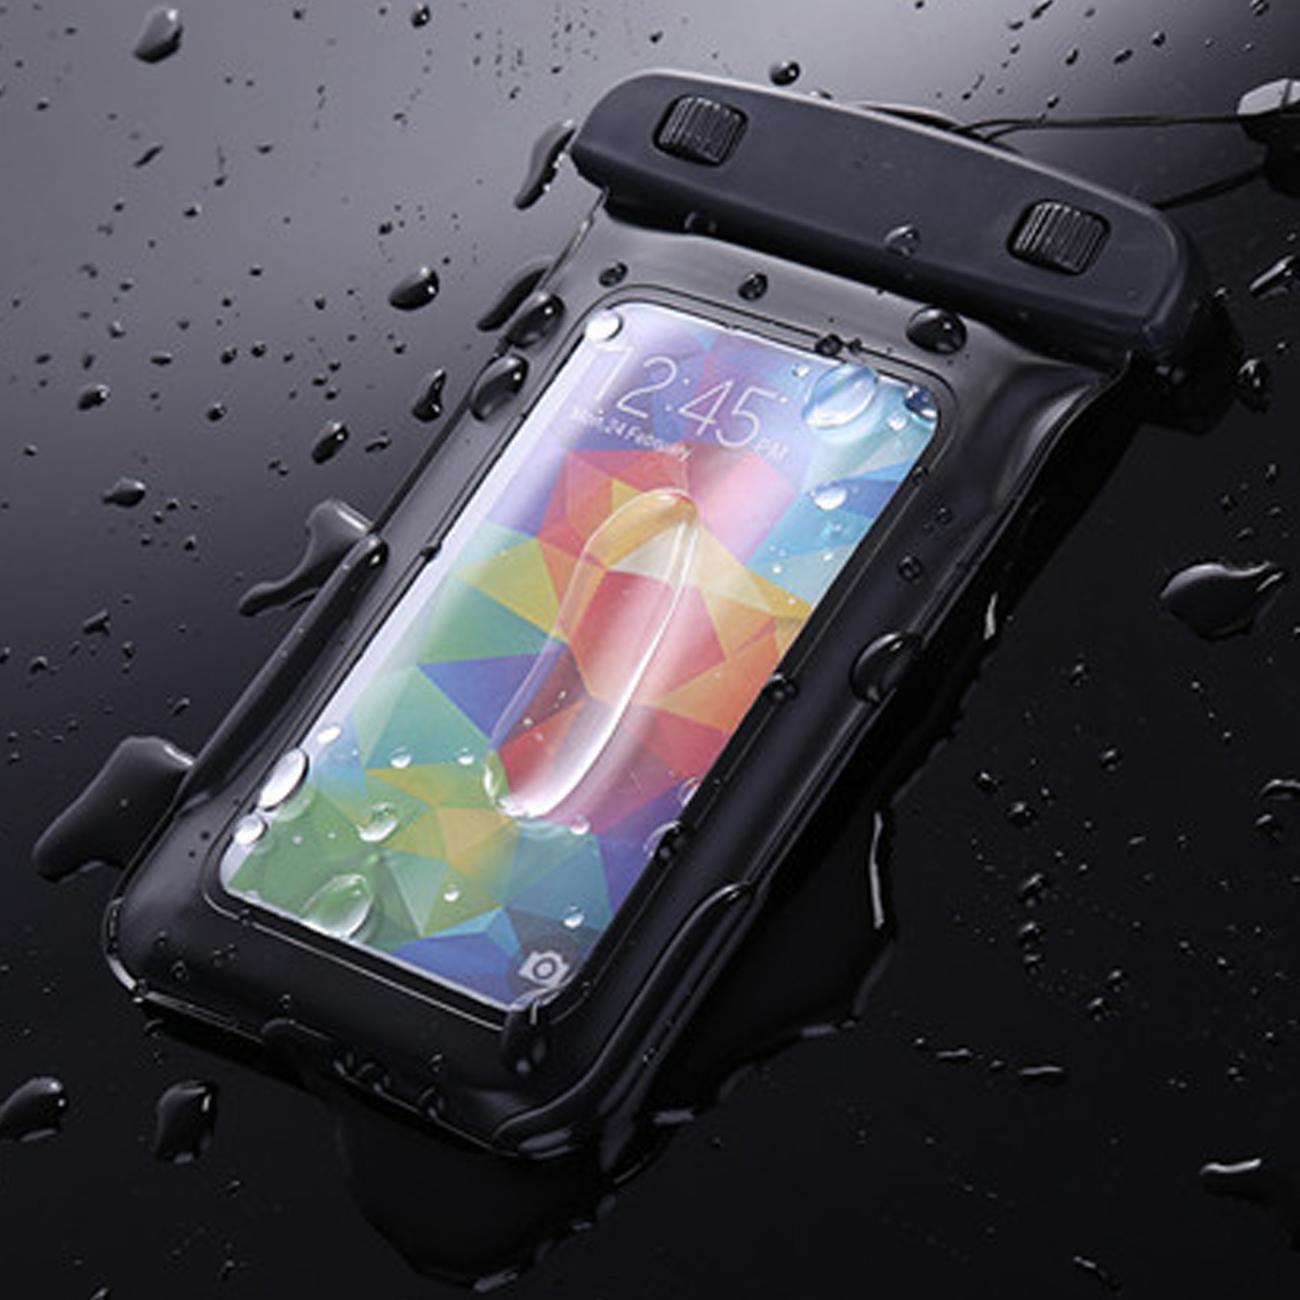 Hình ảnh Túi Chống Nước An Toàn Thời Trang cho Điện Thoại HTC, SAMSUNG, SONY, IPHONE Và các vật dụng cá nhân khác (Trong suốt) 2018 - Hàng Nhập Khẩu New 100%